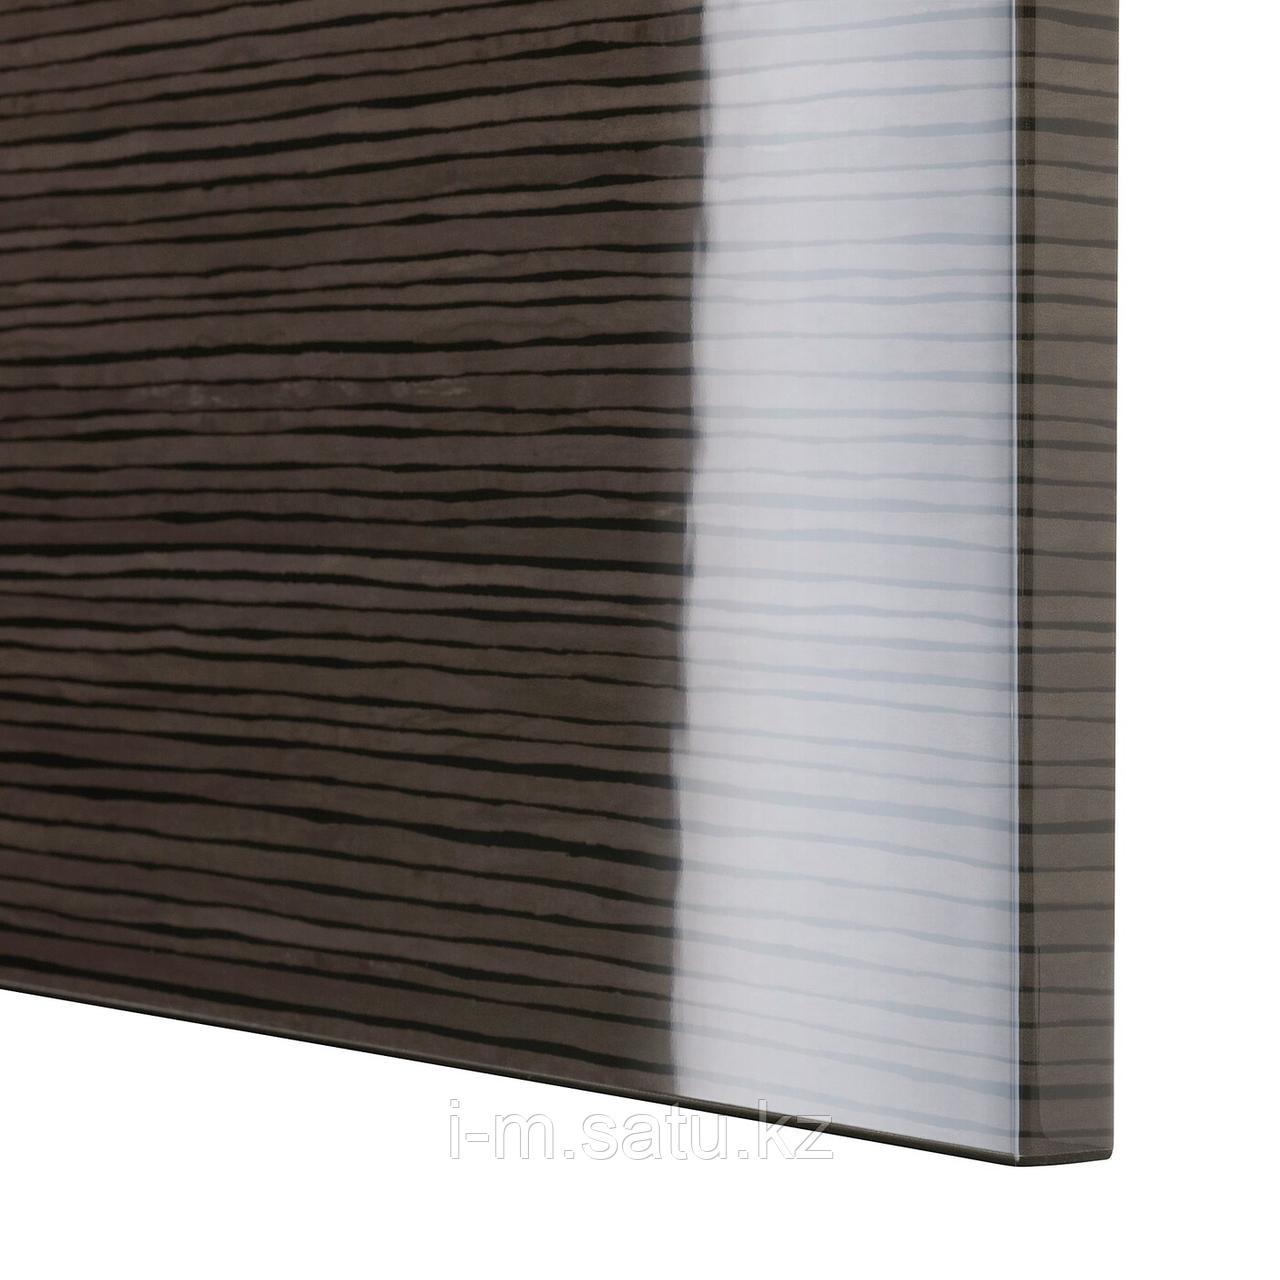 СЕЛЬСВИКЕН Дверь, глянцевый с рисунком коричневый, 60x64 см